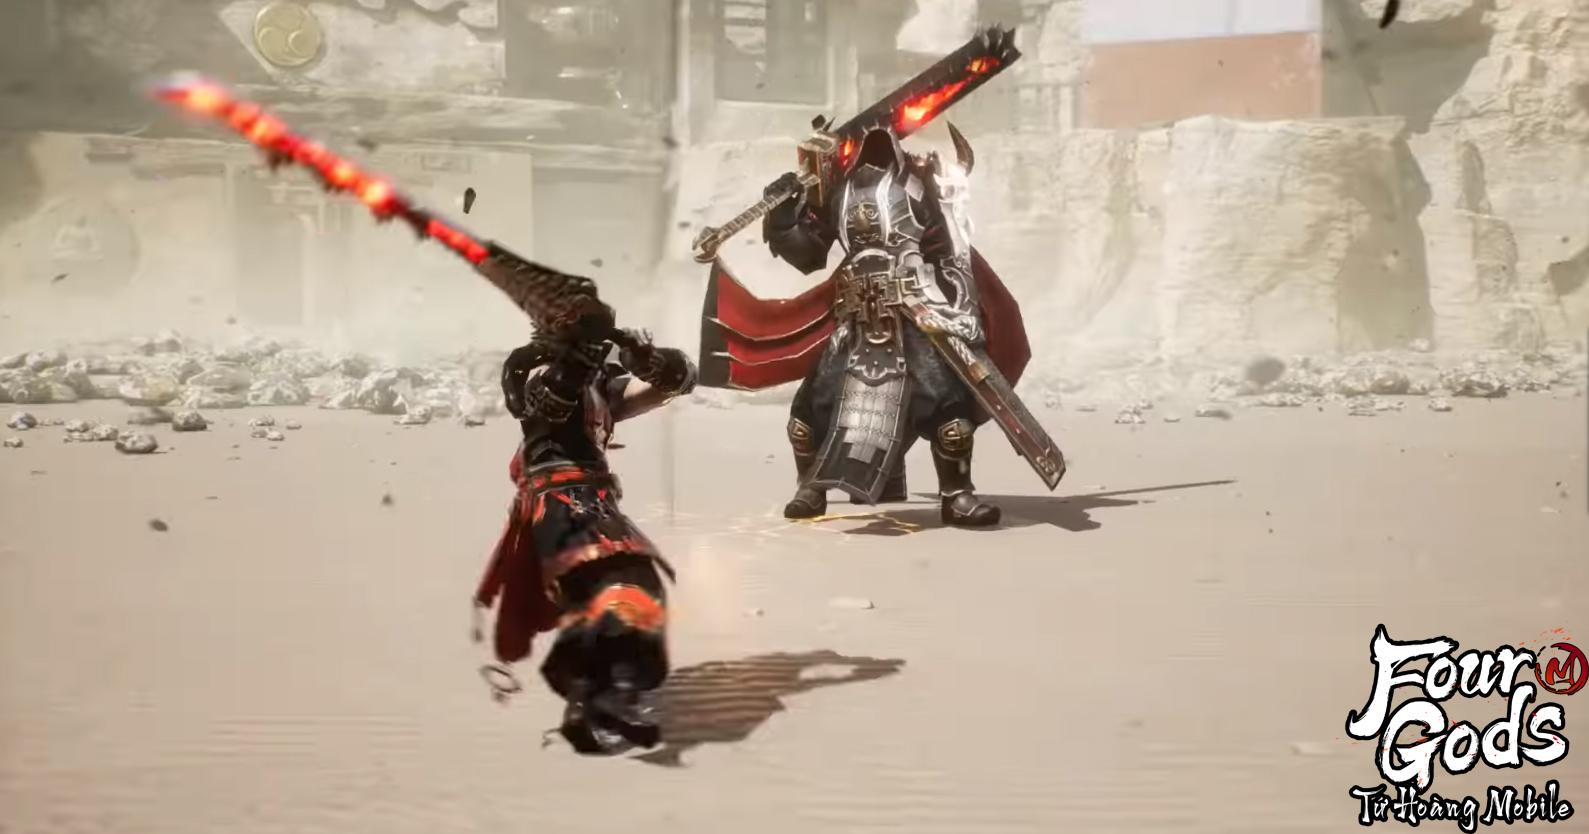 Cận cảnh class Thanh Long và Huyền Vũ trong Tứ Hoàng Mobile: Đẳng cấp nhân vật khác biệt từ đồ họa bom tấn hàng đầu - Ảnh 10.